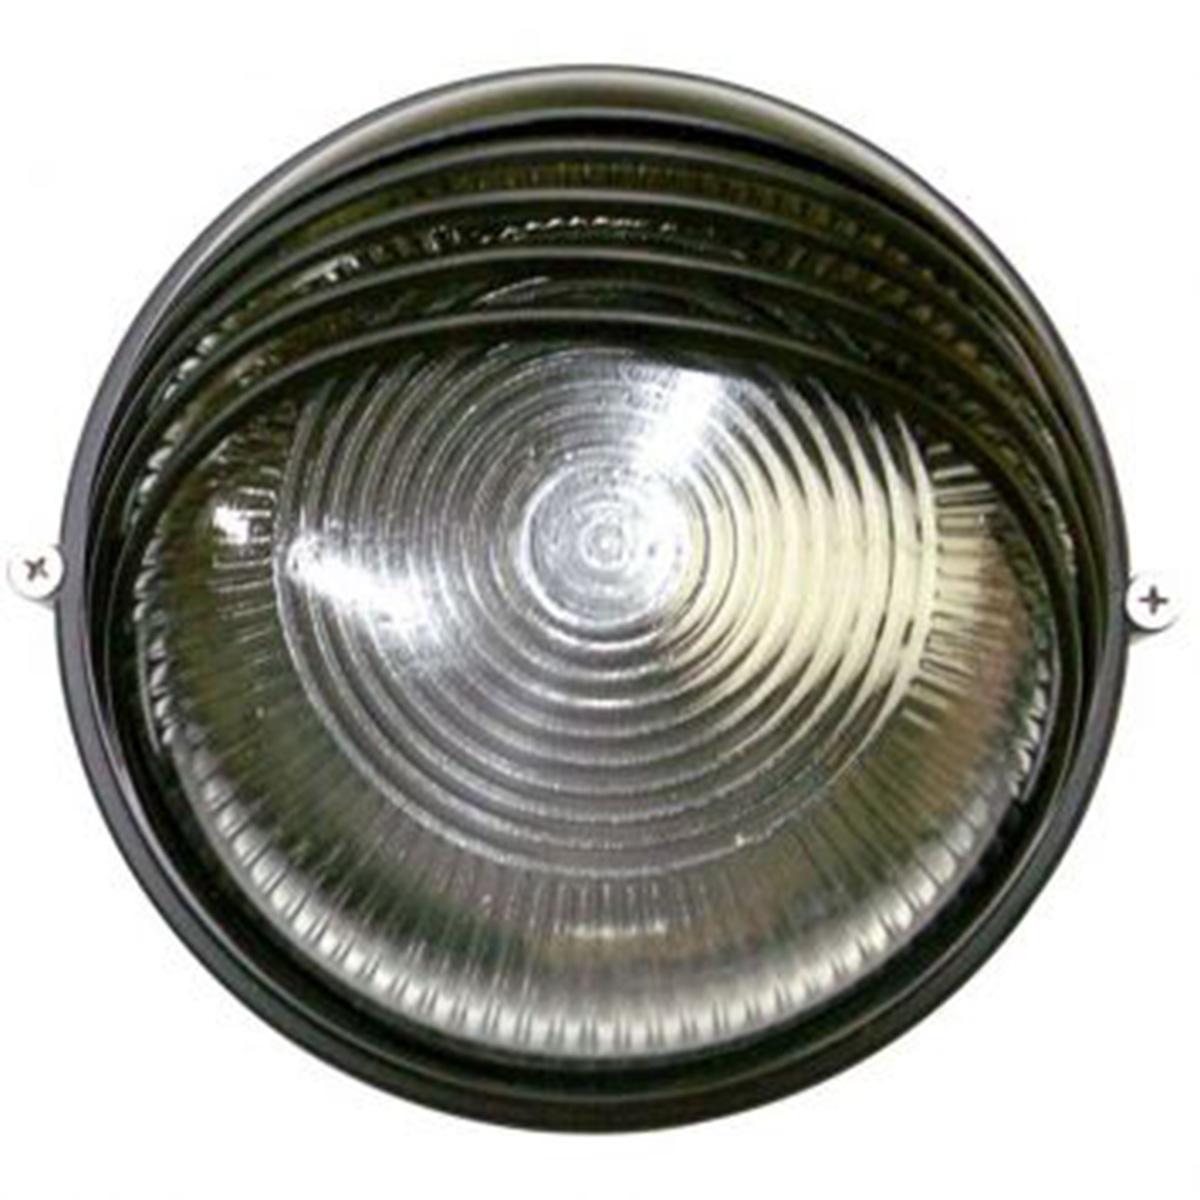 Tartaruga Circular 18cm Aluminio Pint. Epoxi E-27 1 Lamp. Max 60w Meia Cana Preta